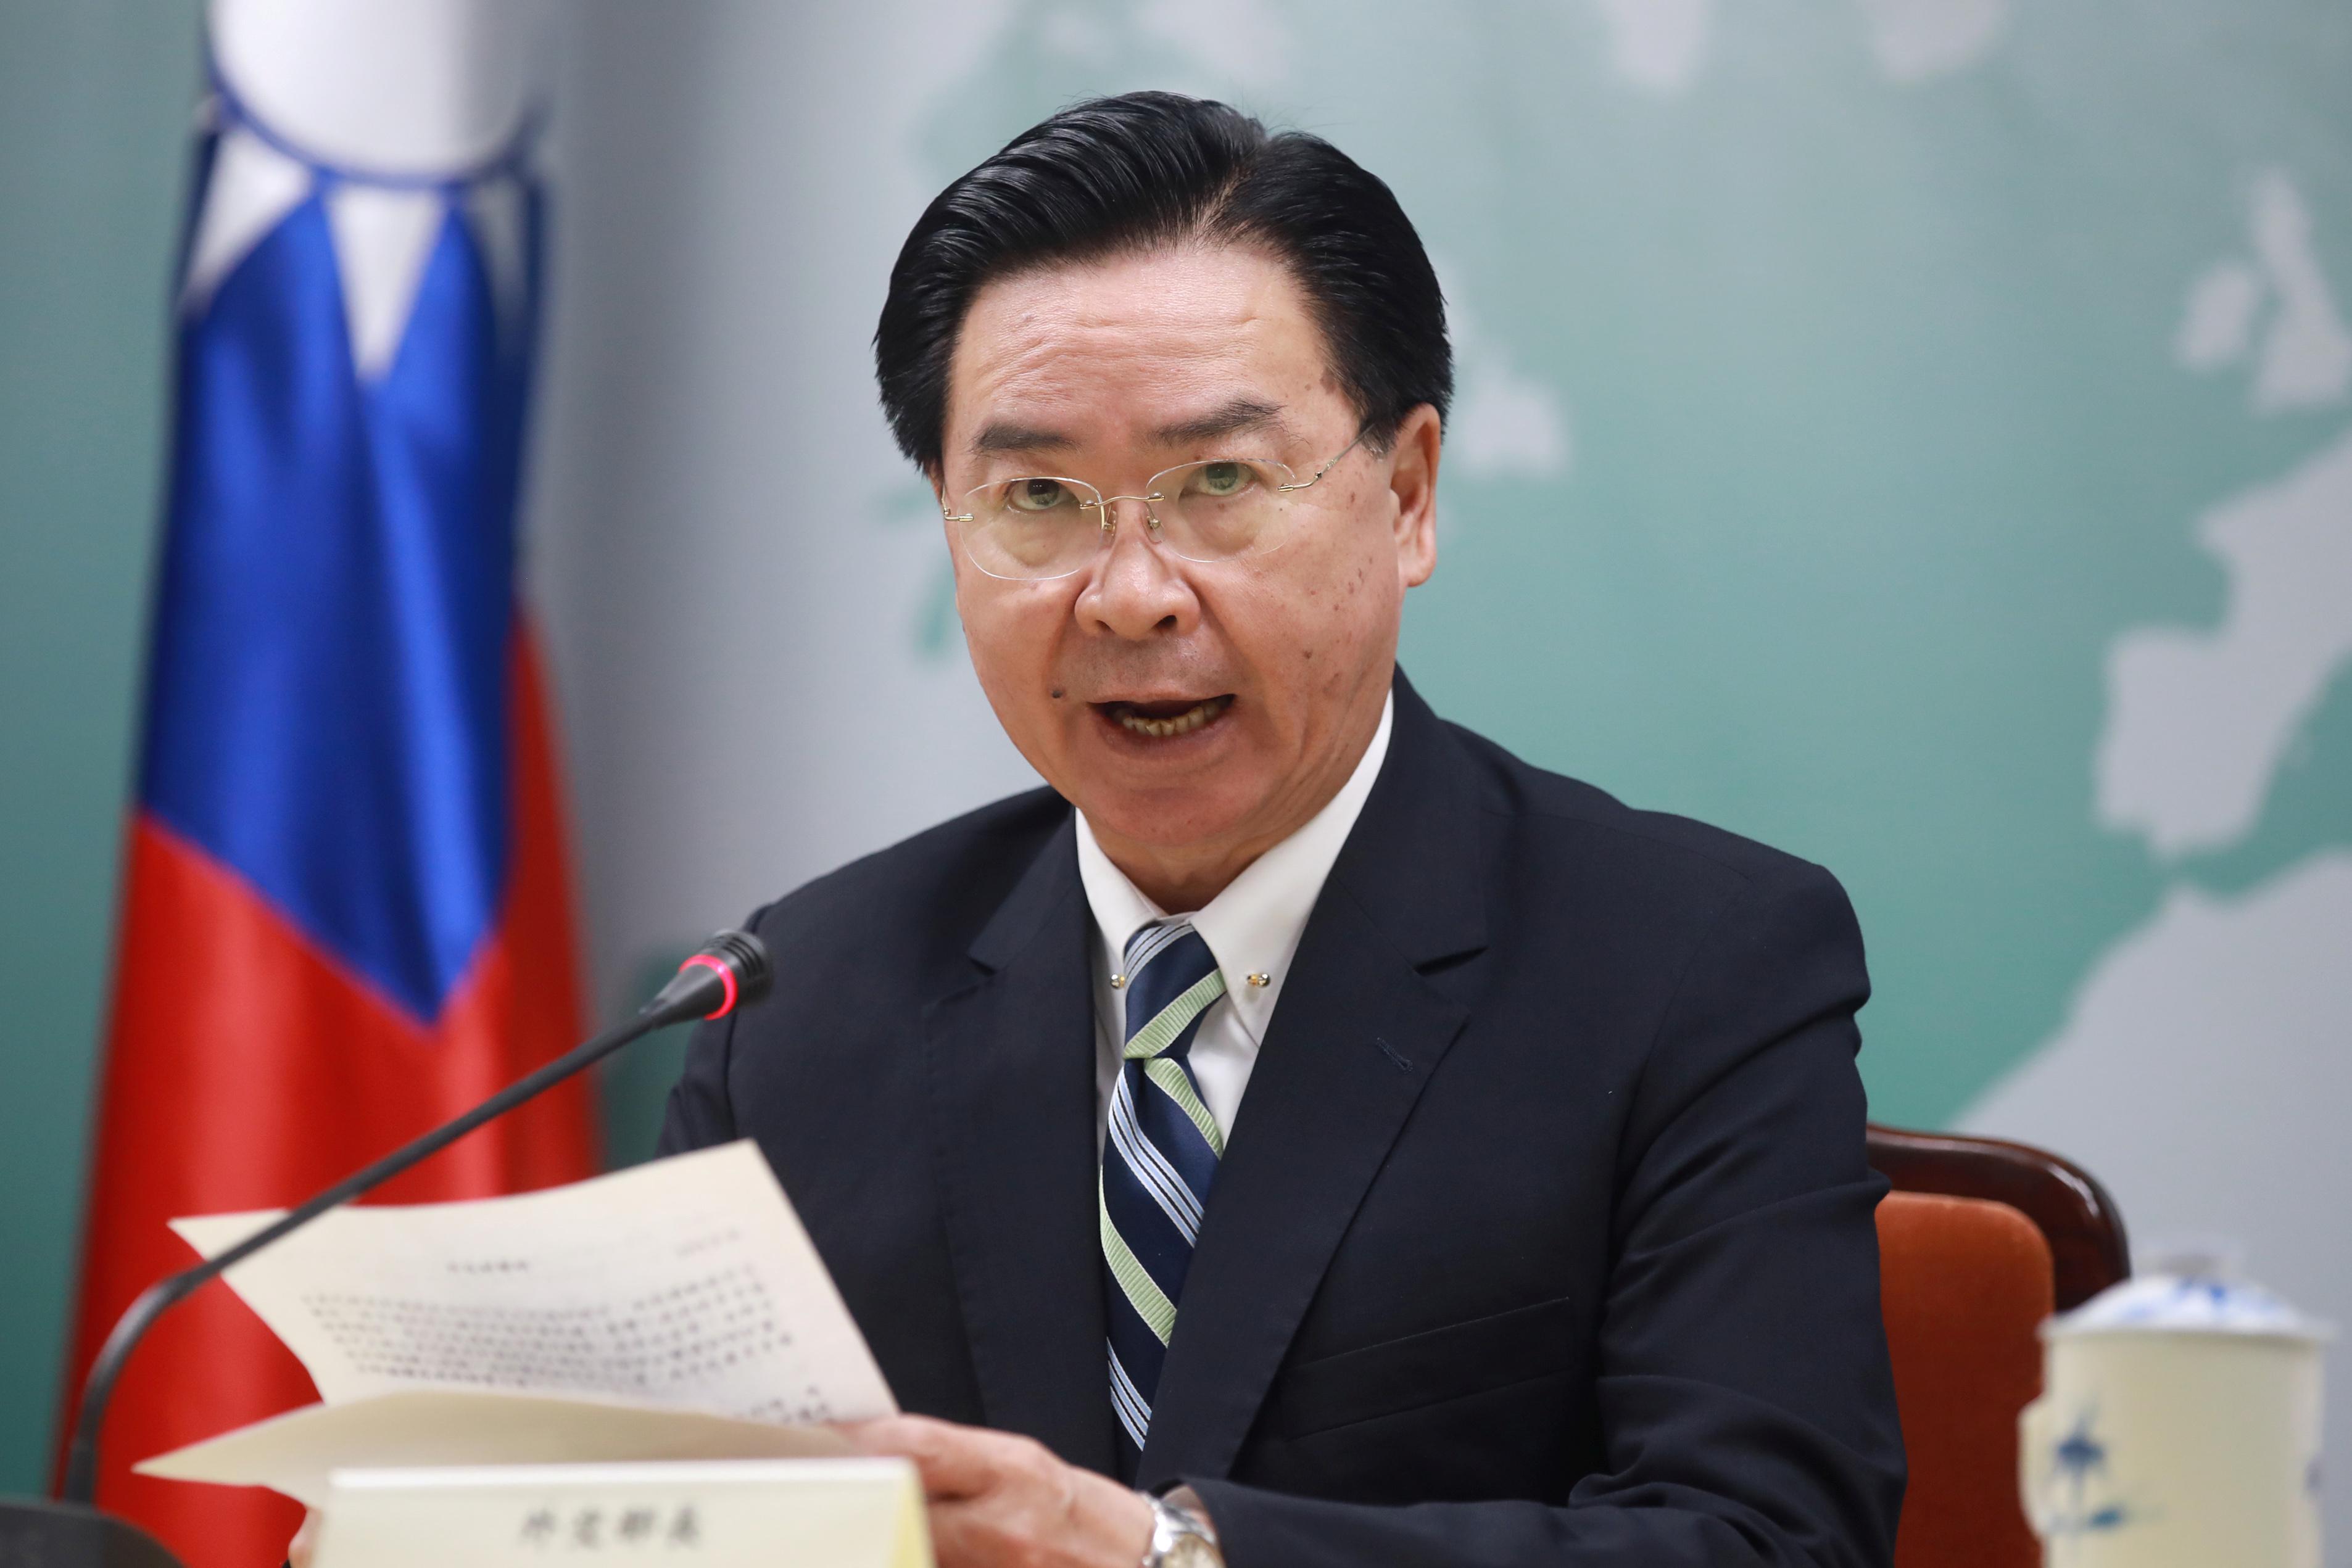 Taiwan says China lures Kiribati with airplanes after losing...